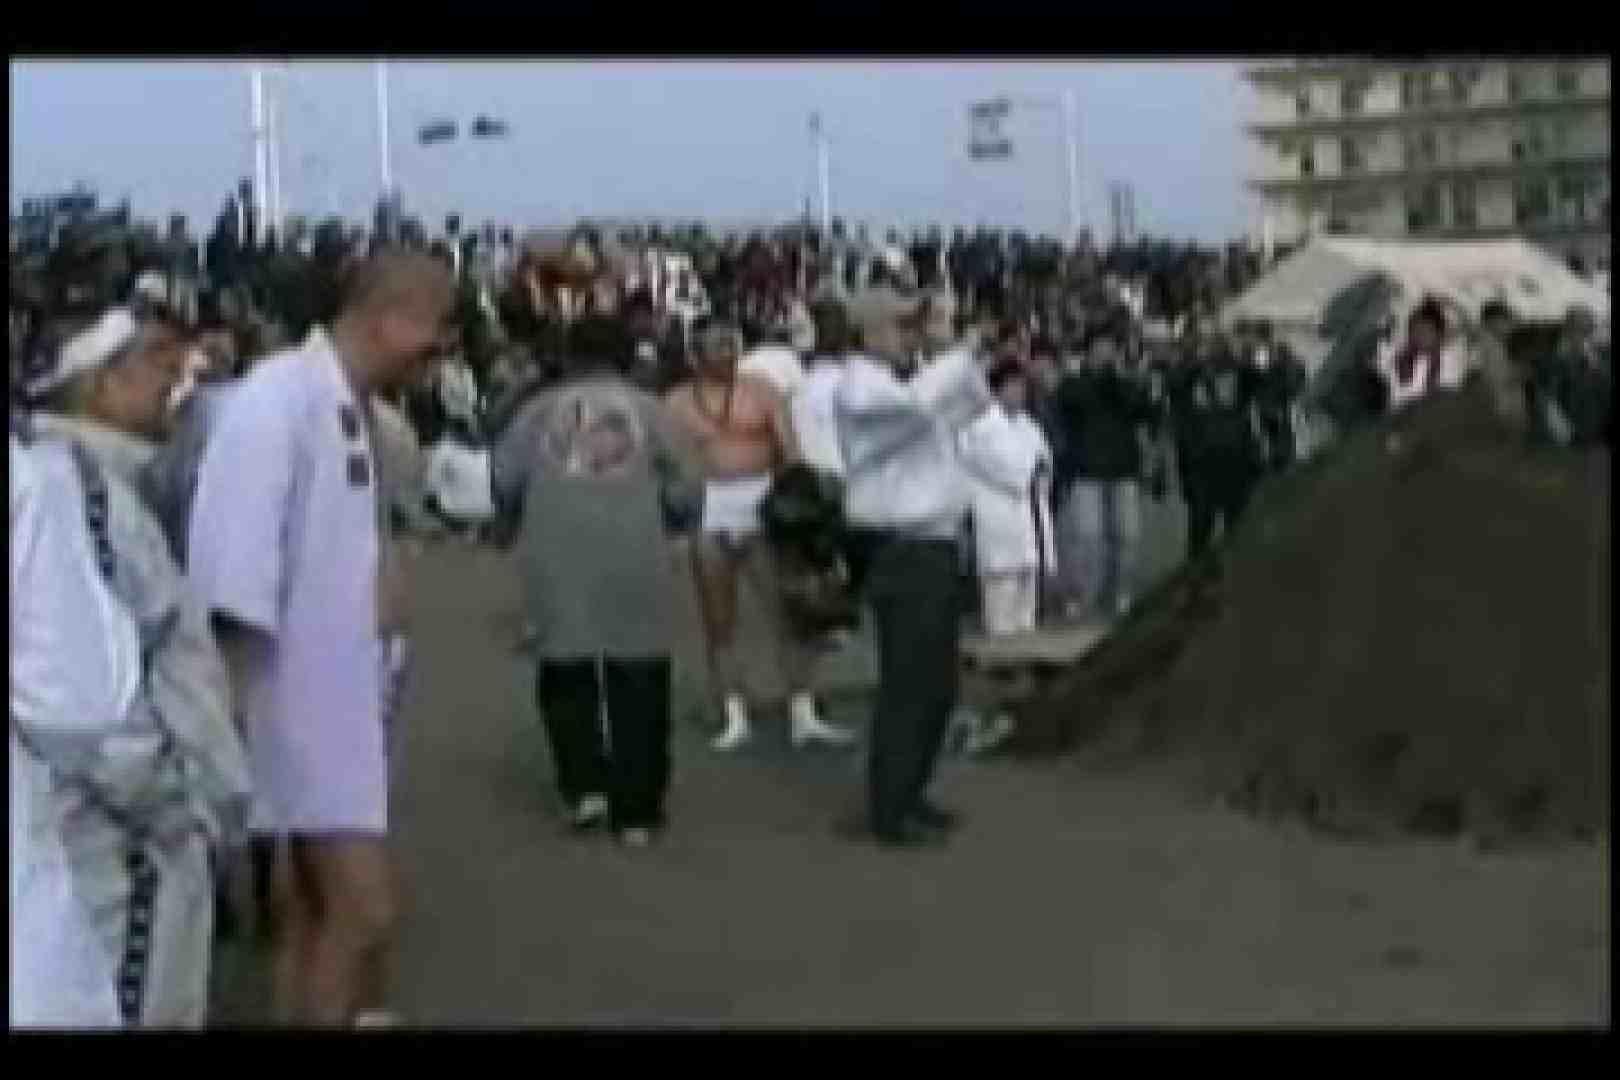 陰間茶屋 男児祭り VOL.1 野外露出 ゲイ素人エロ画像 66枚 46